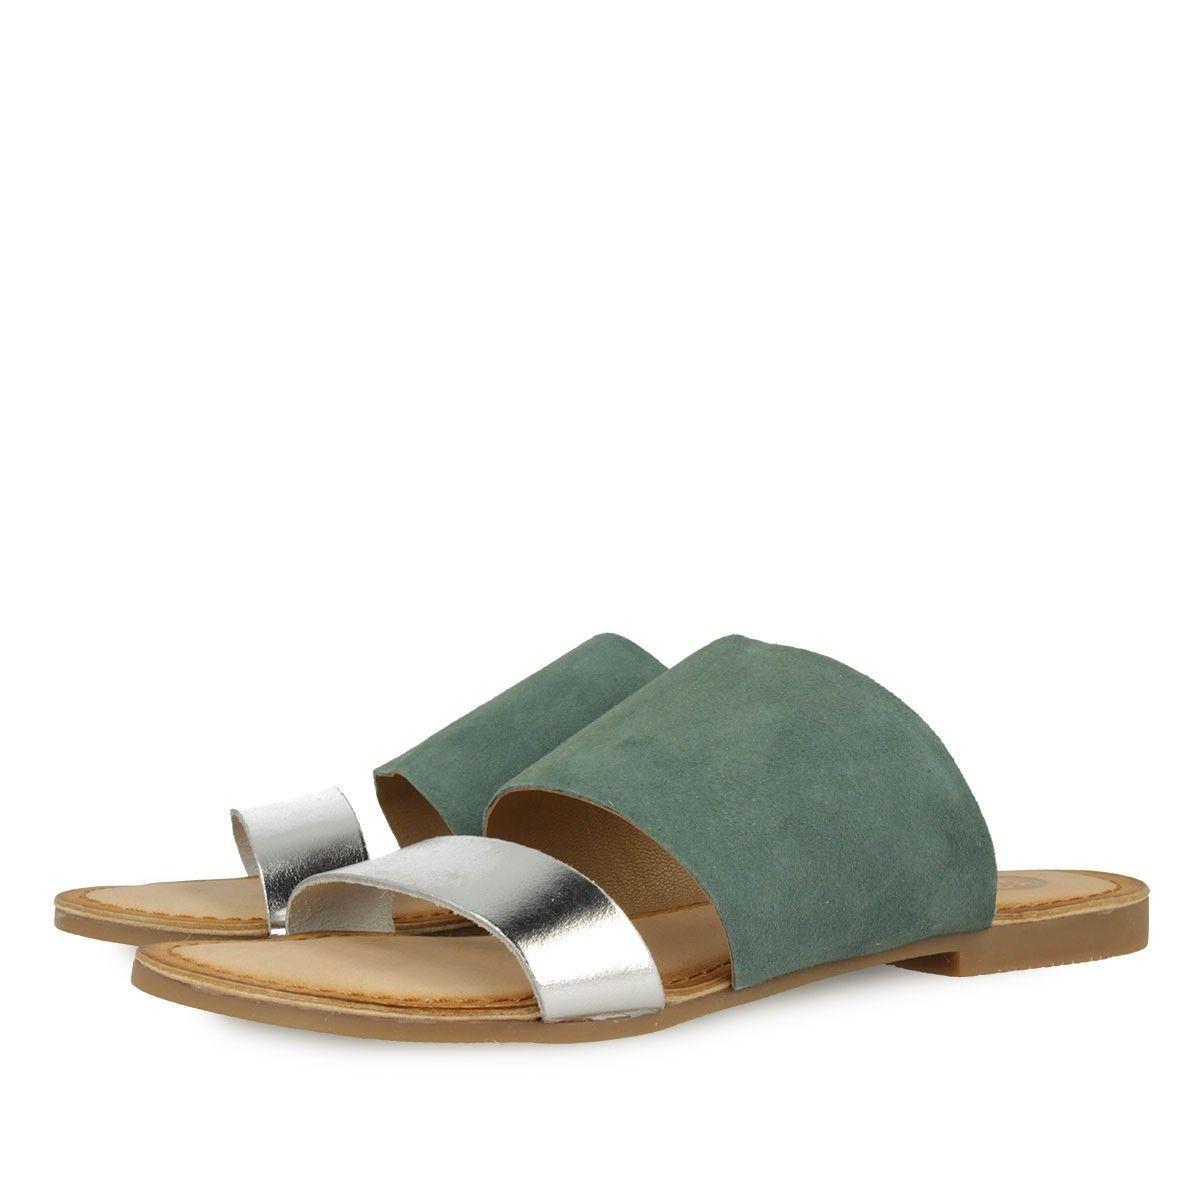 Sandalias de piel en color verde con tira frontal plateada. Corte, forro y plantilla en piel.